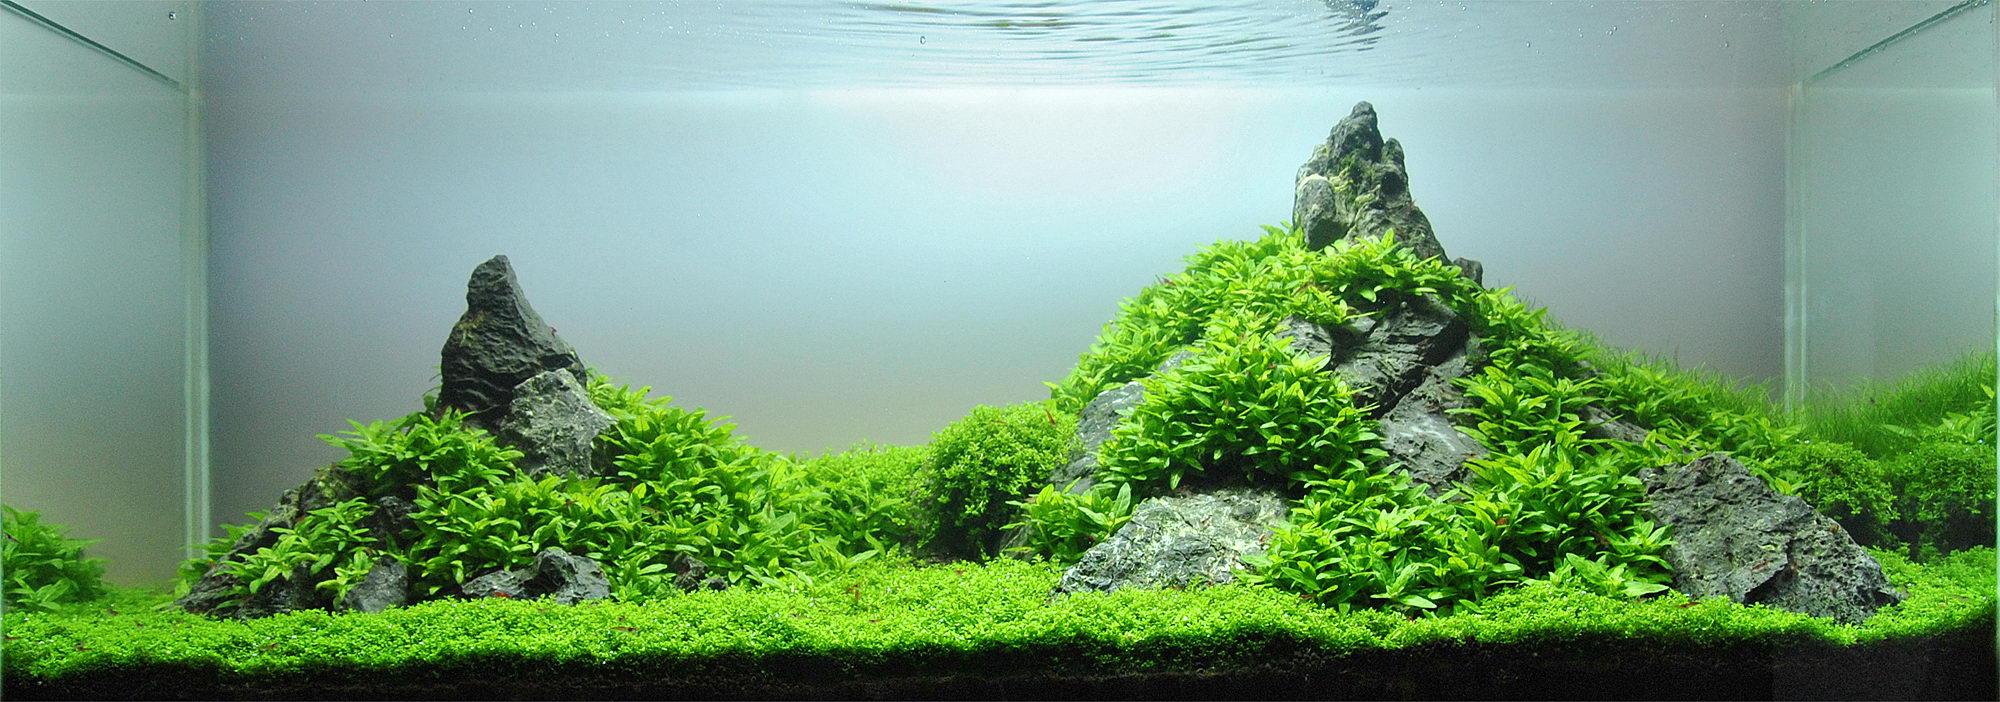 Lennart J?hnk und das Aquascaping - Aqua Rebell